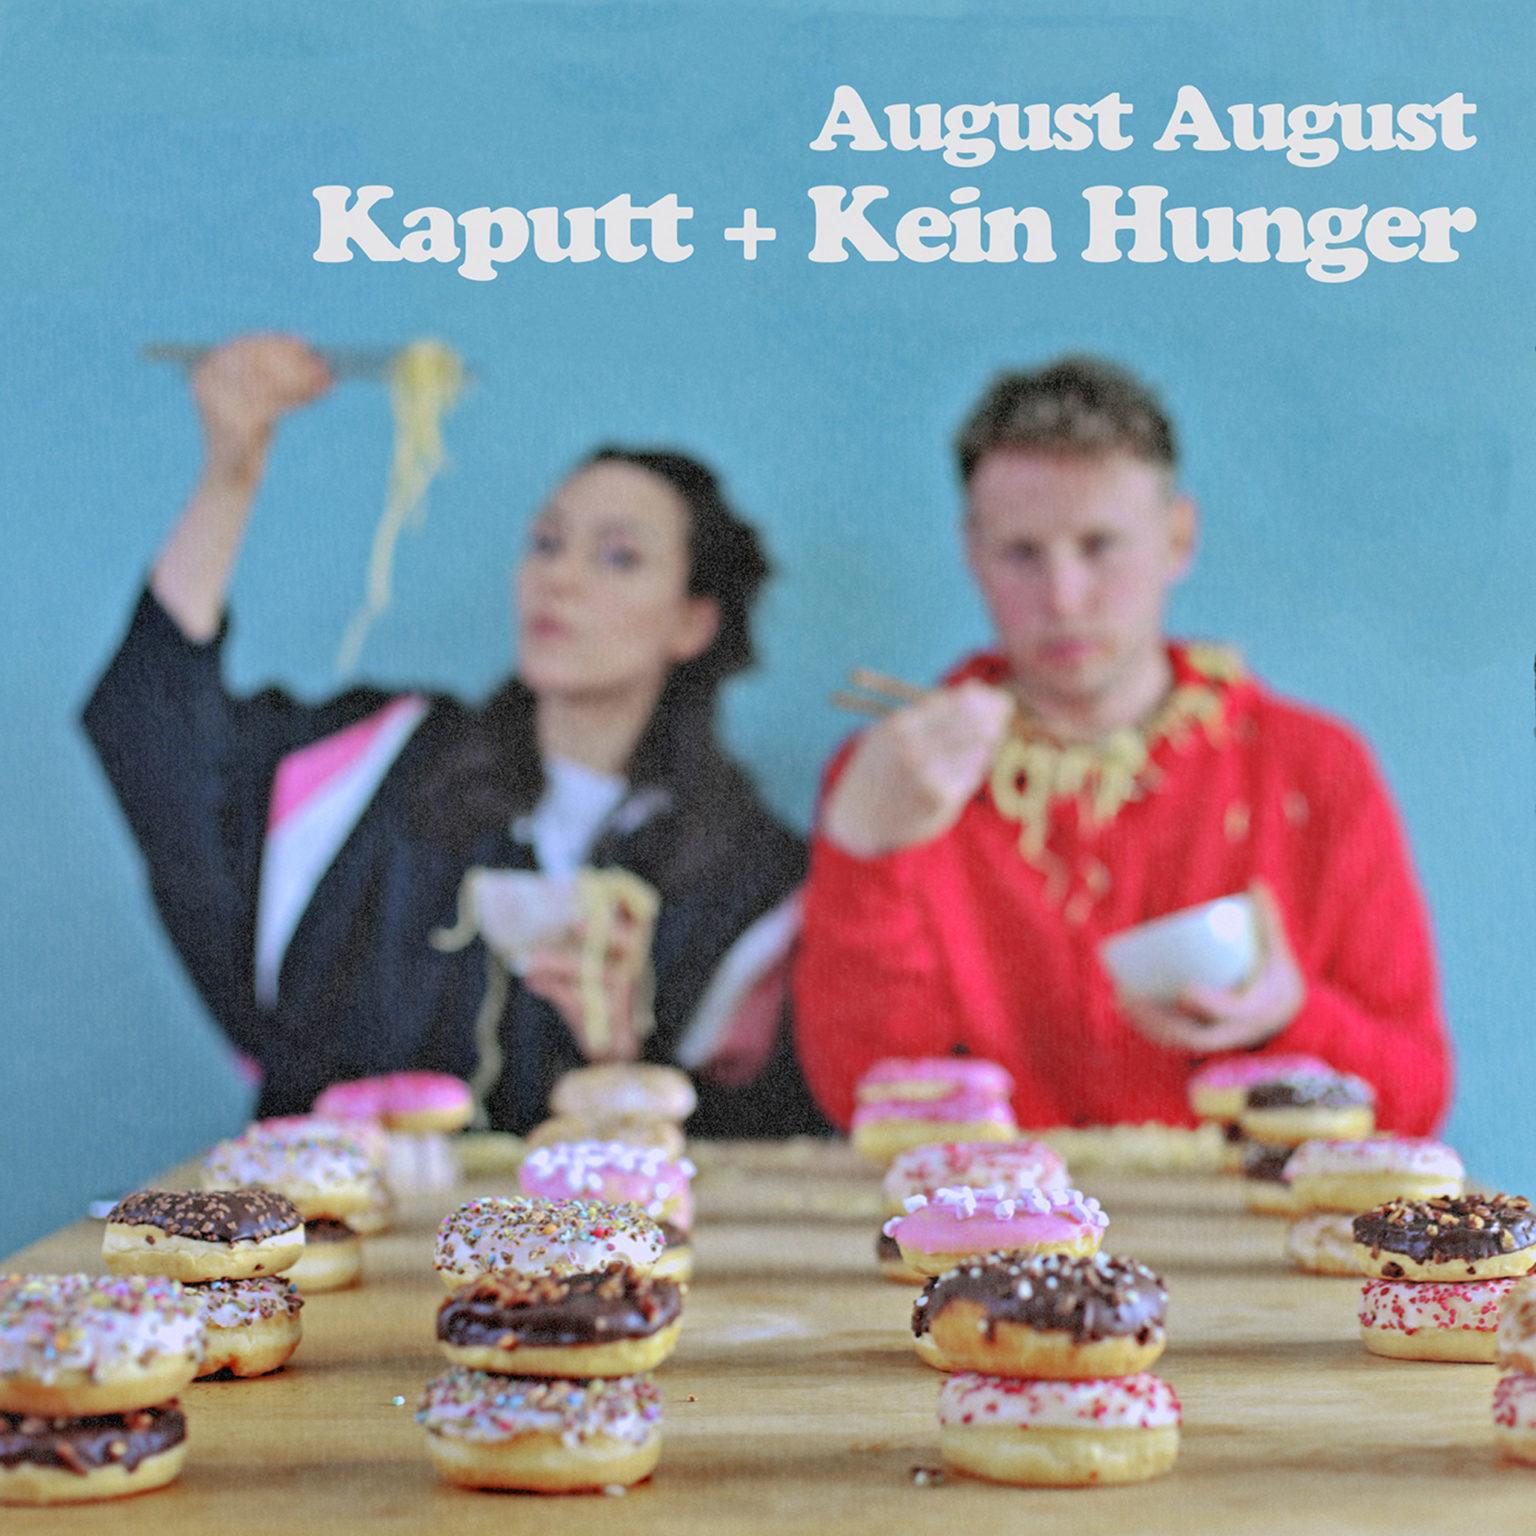 August August - Kaputt + Kein Hunger - s'läuft! Radio-Promotion